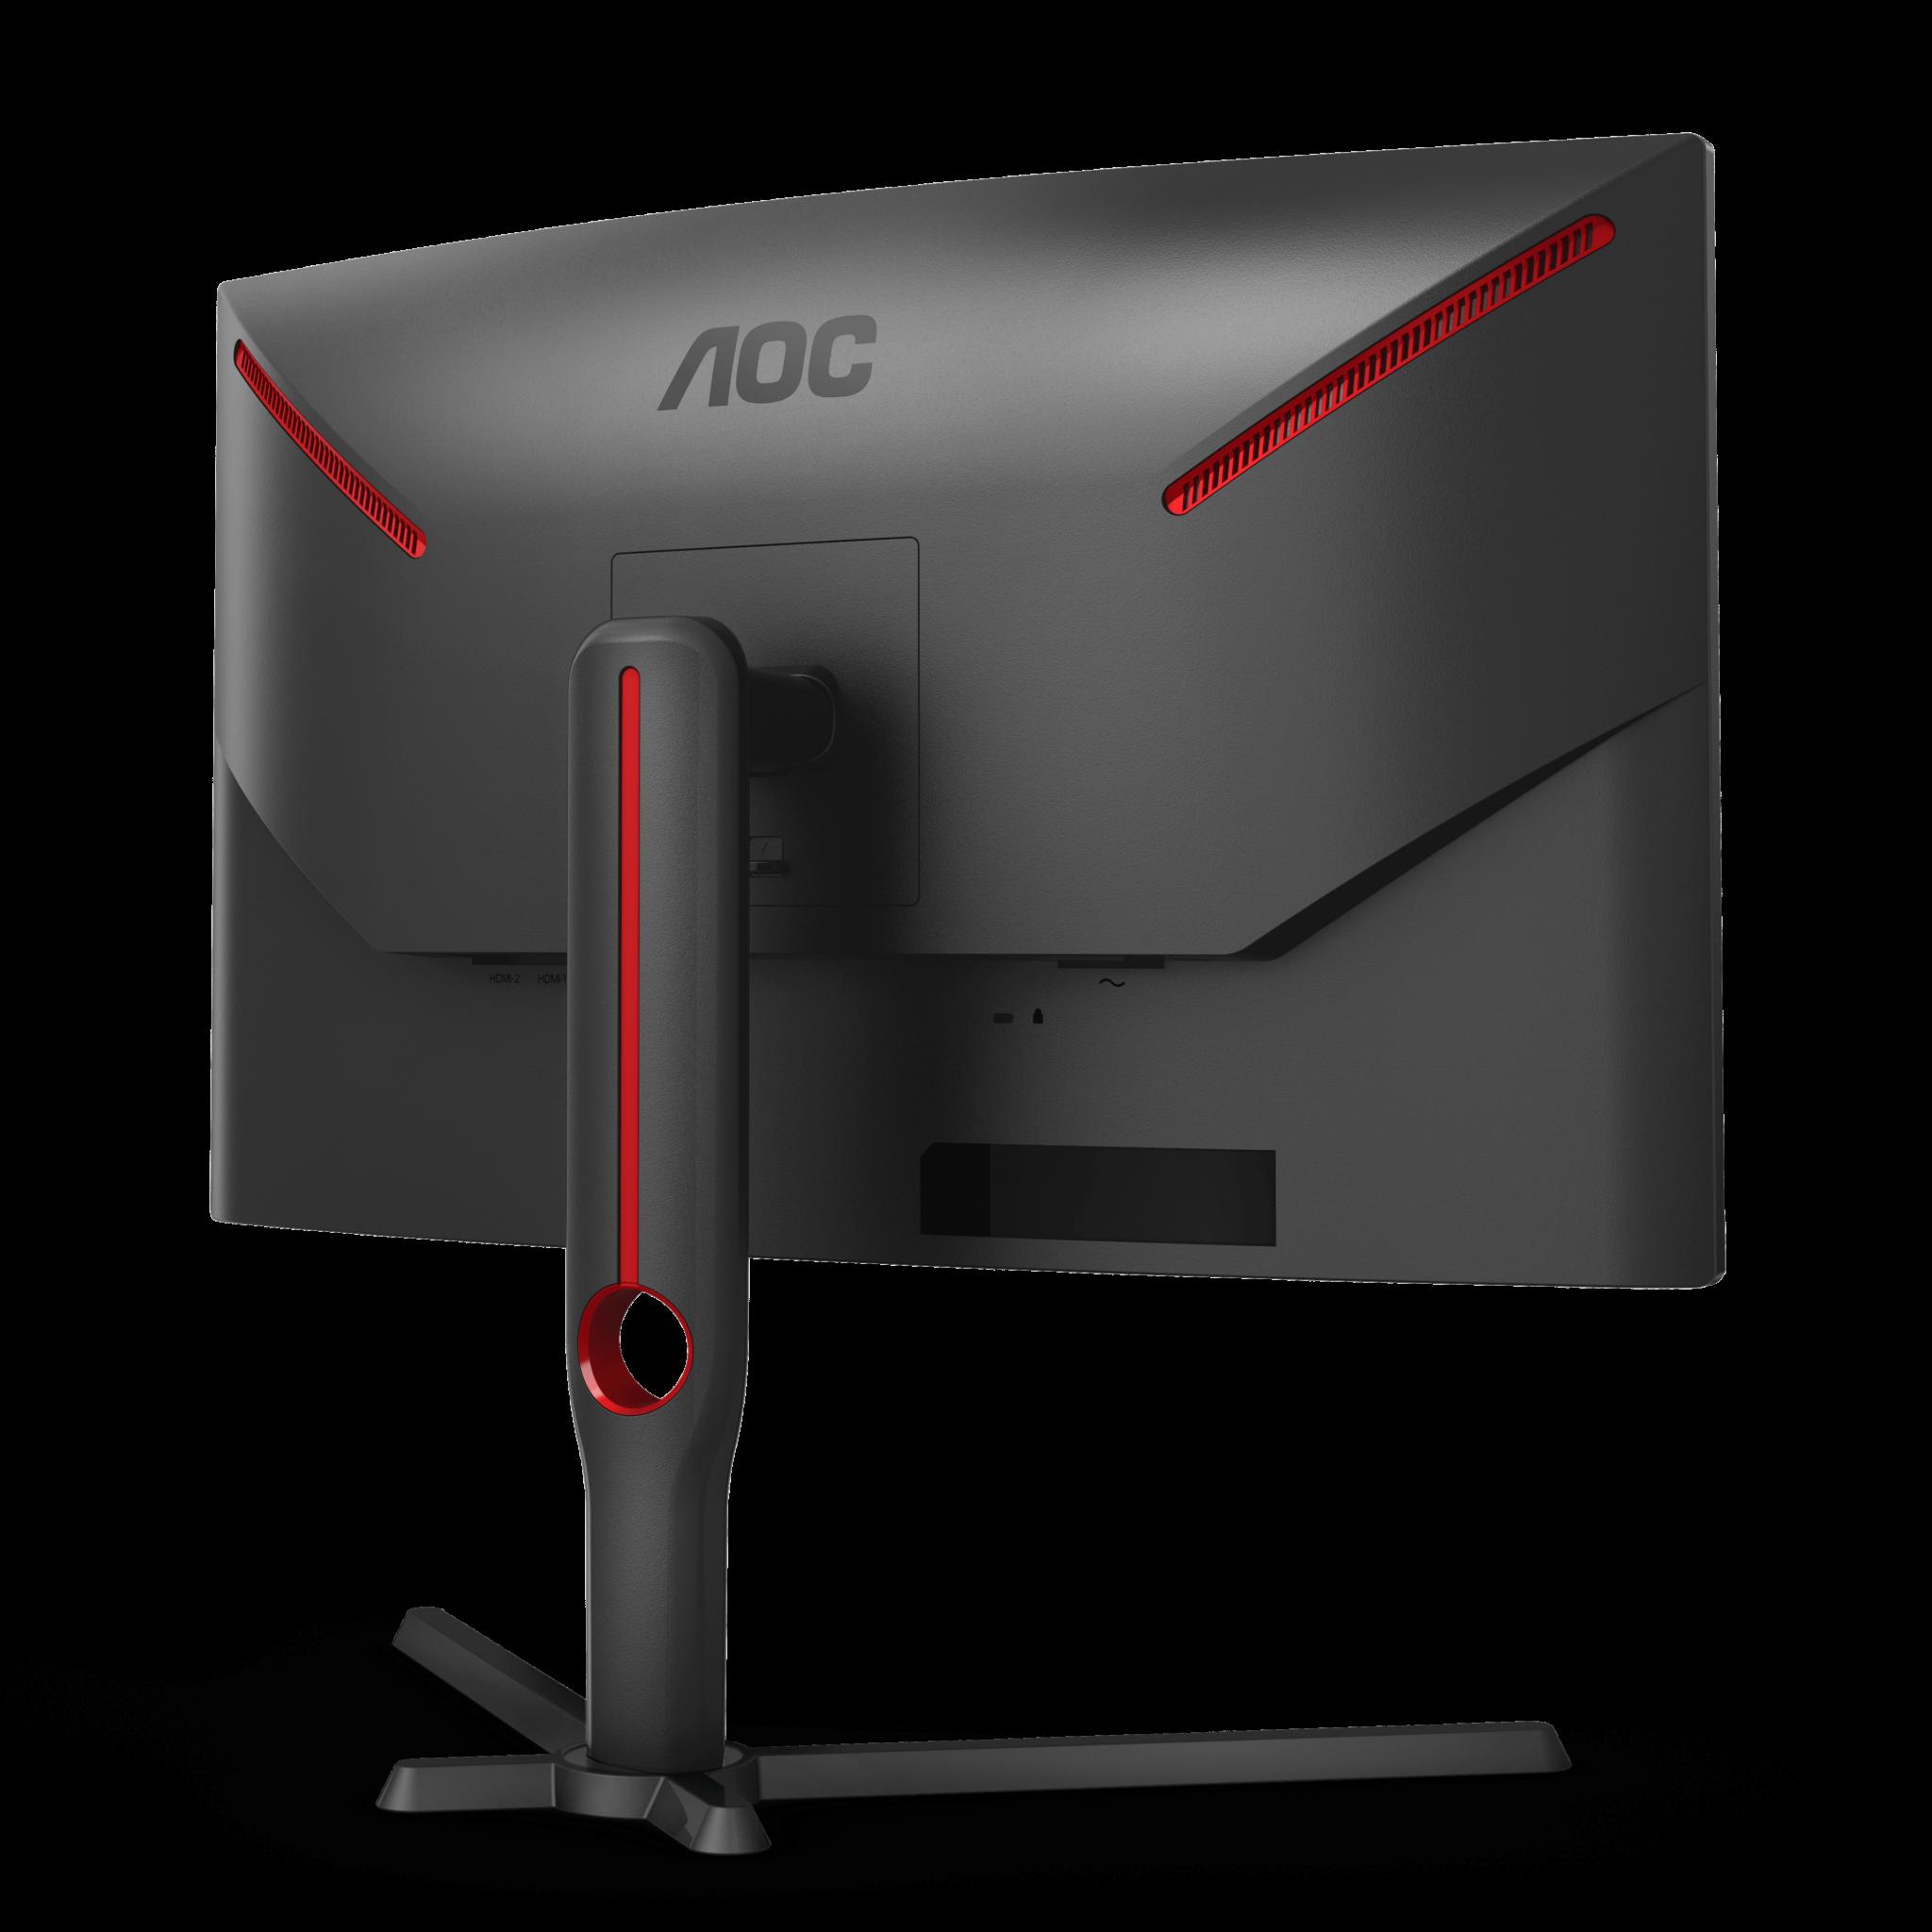 AOC GAMING G3